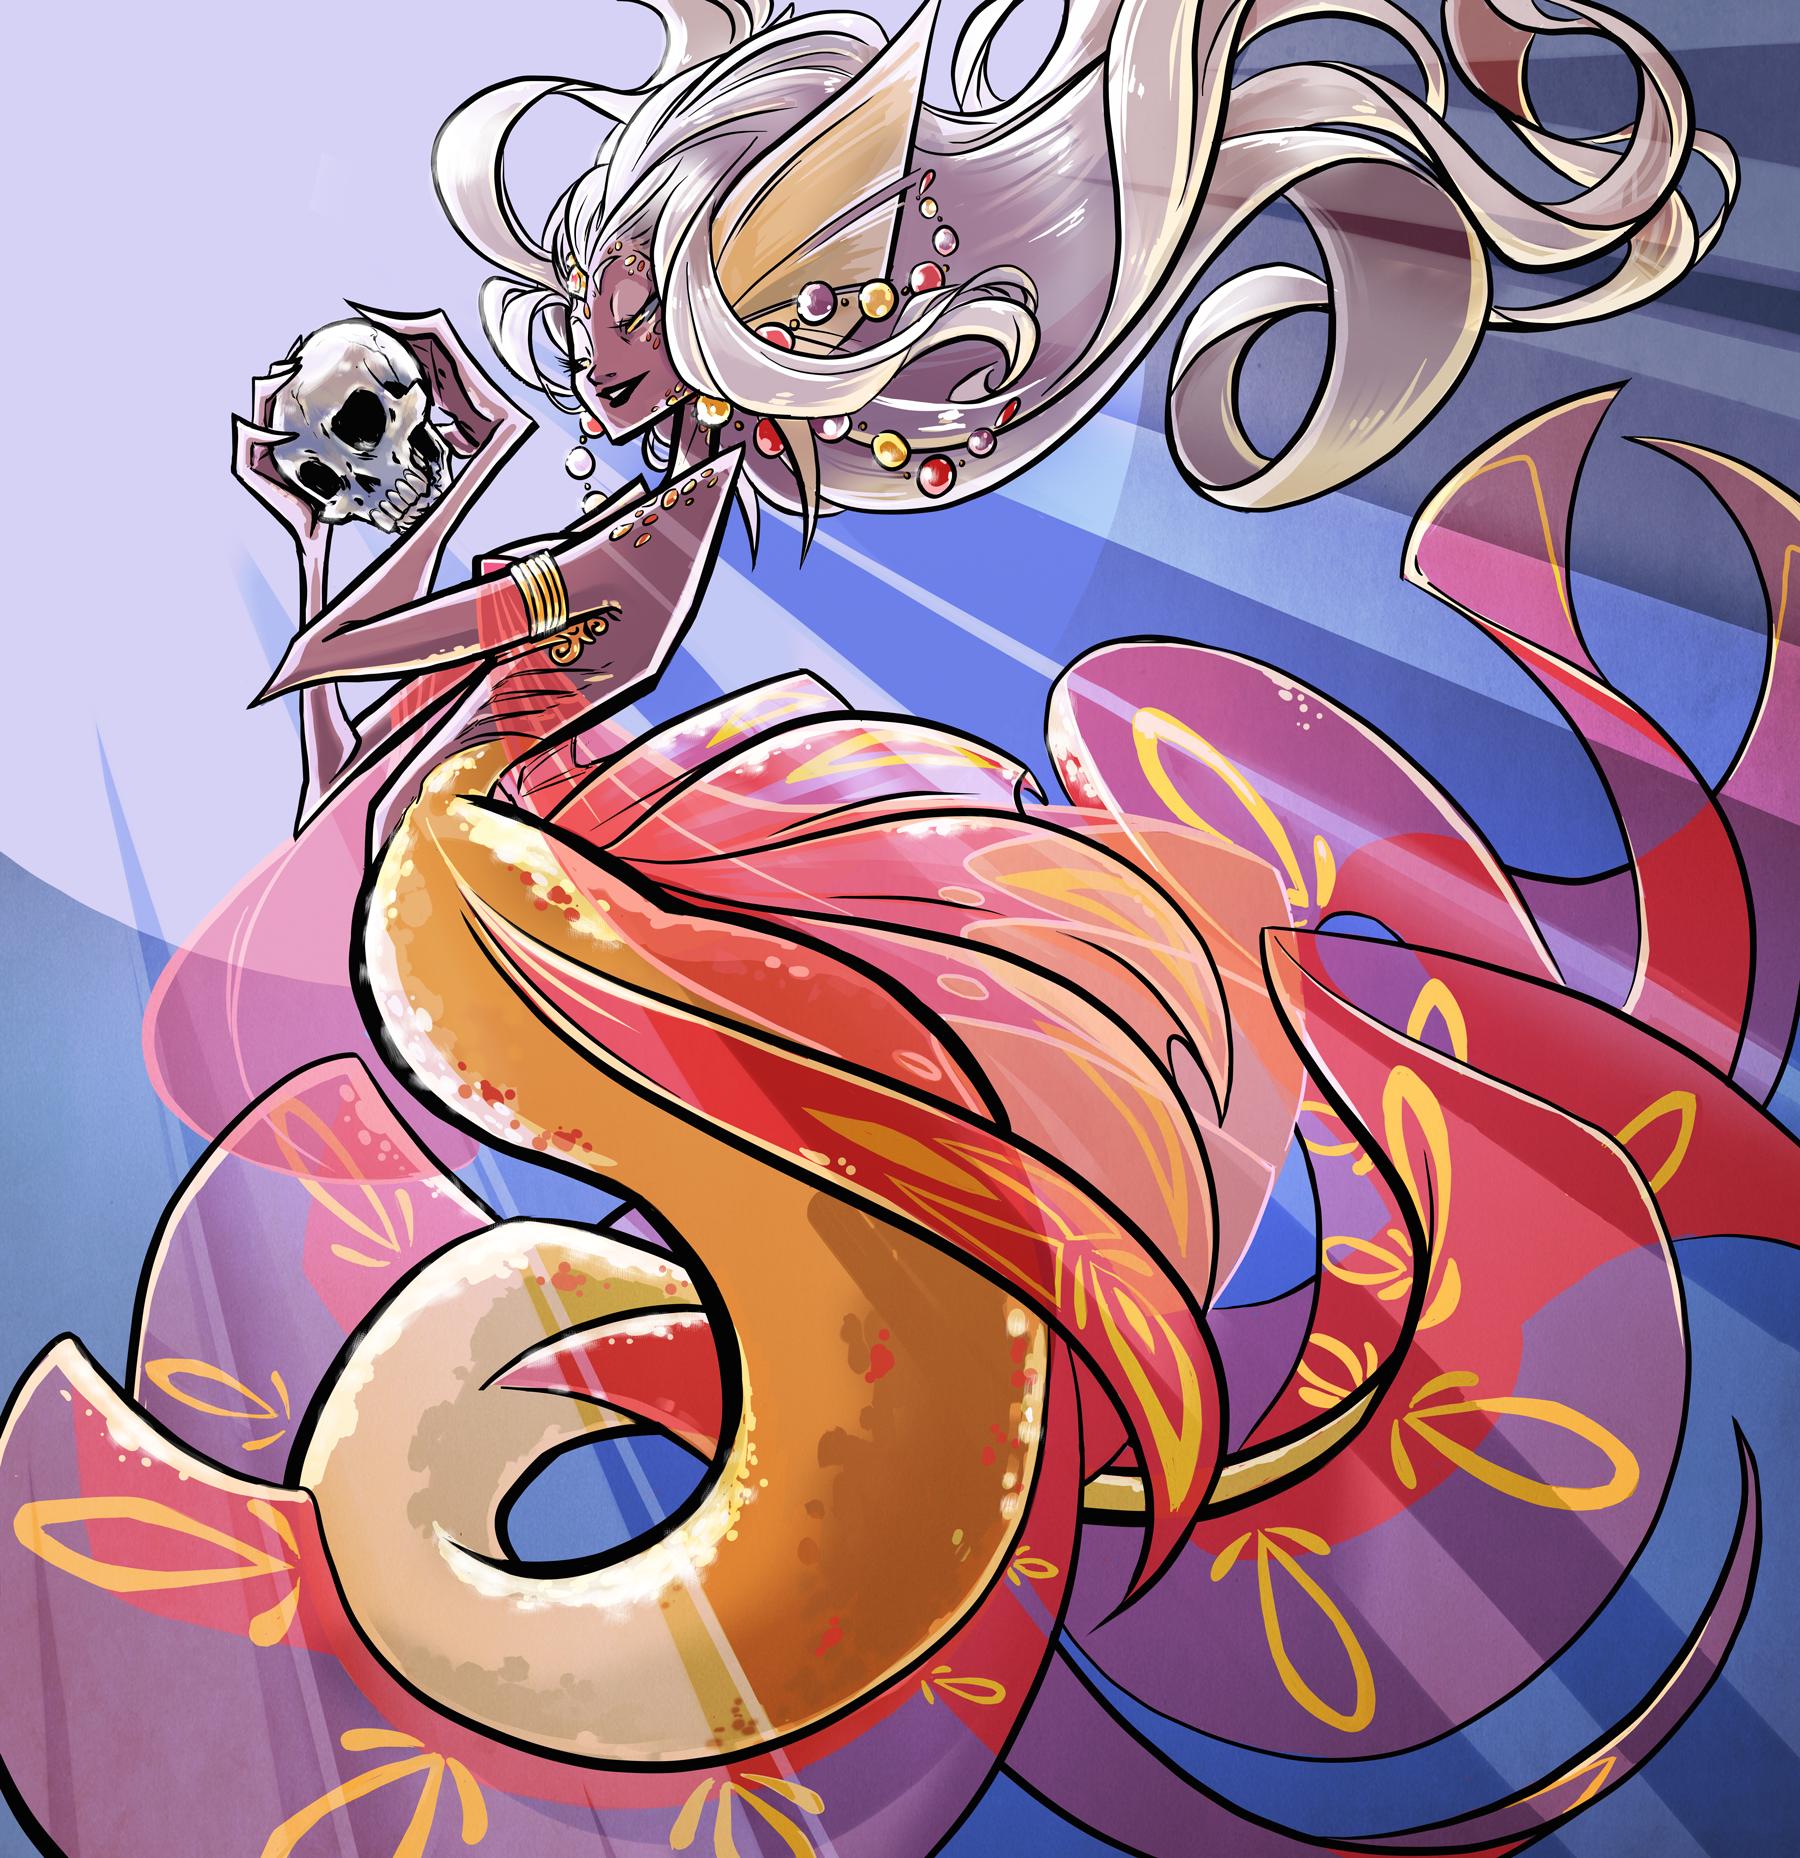 Geisha_Mermaid_dfrnt.png